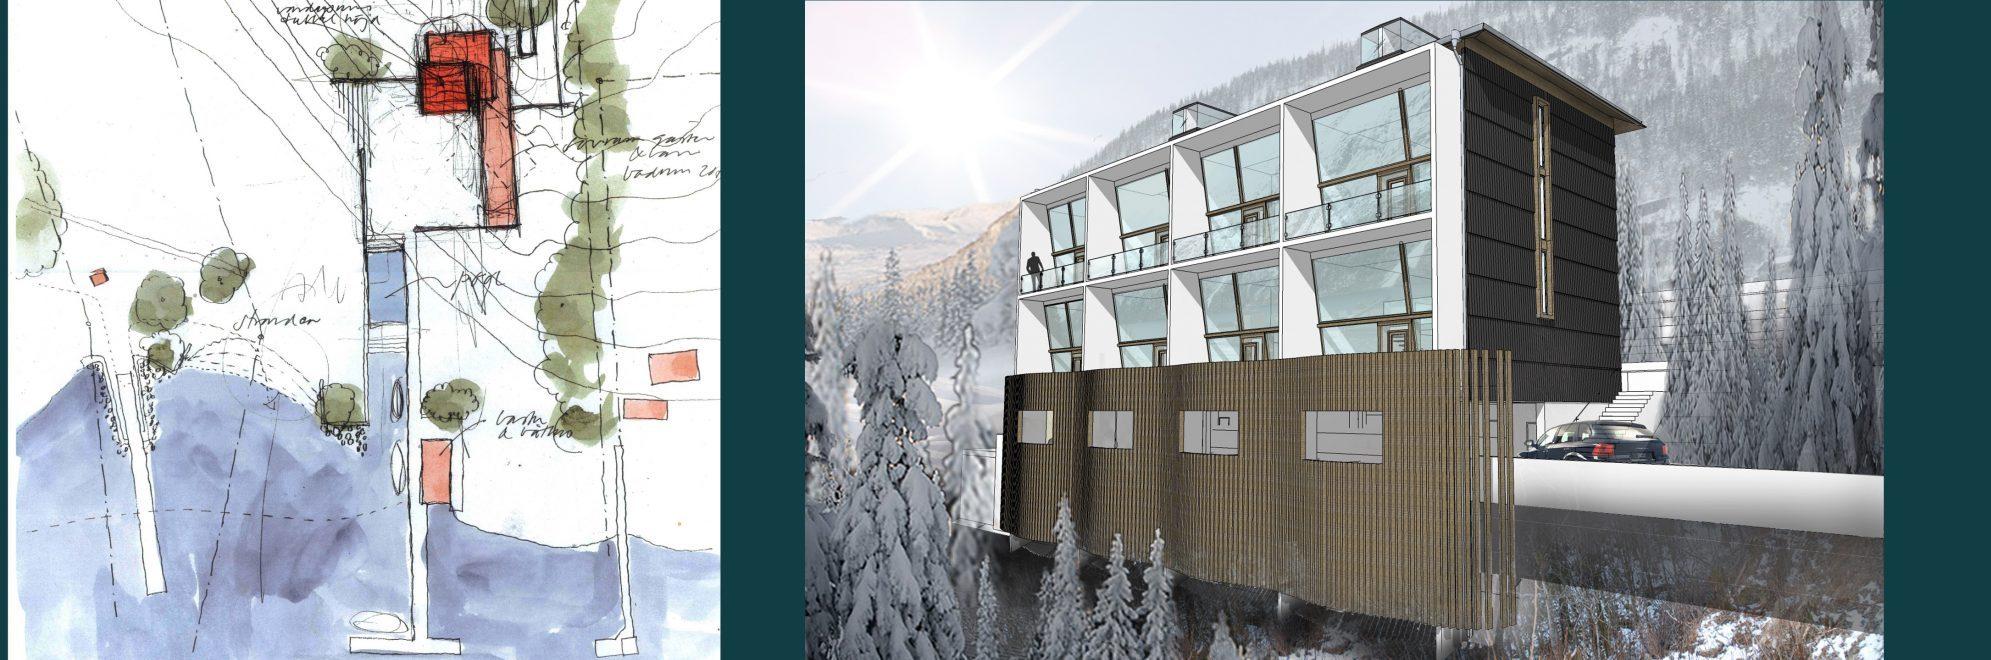 Rex Arkitektbyrå etapper i projekt. Första etappen är idé och program